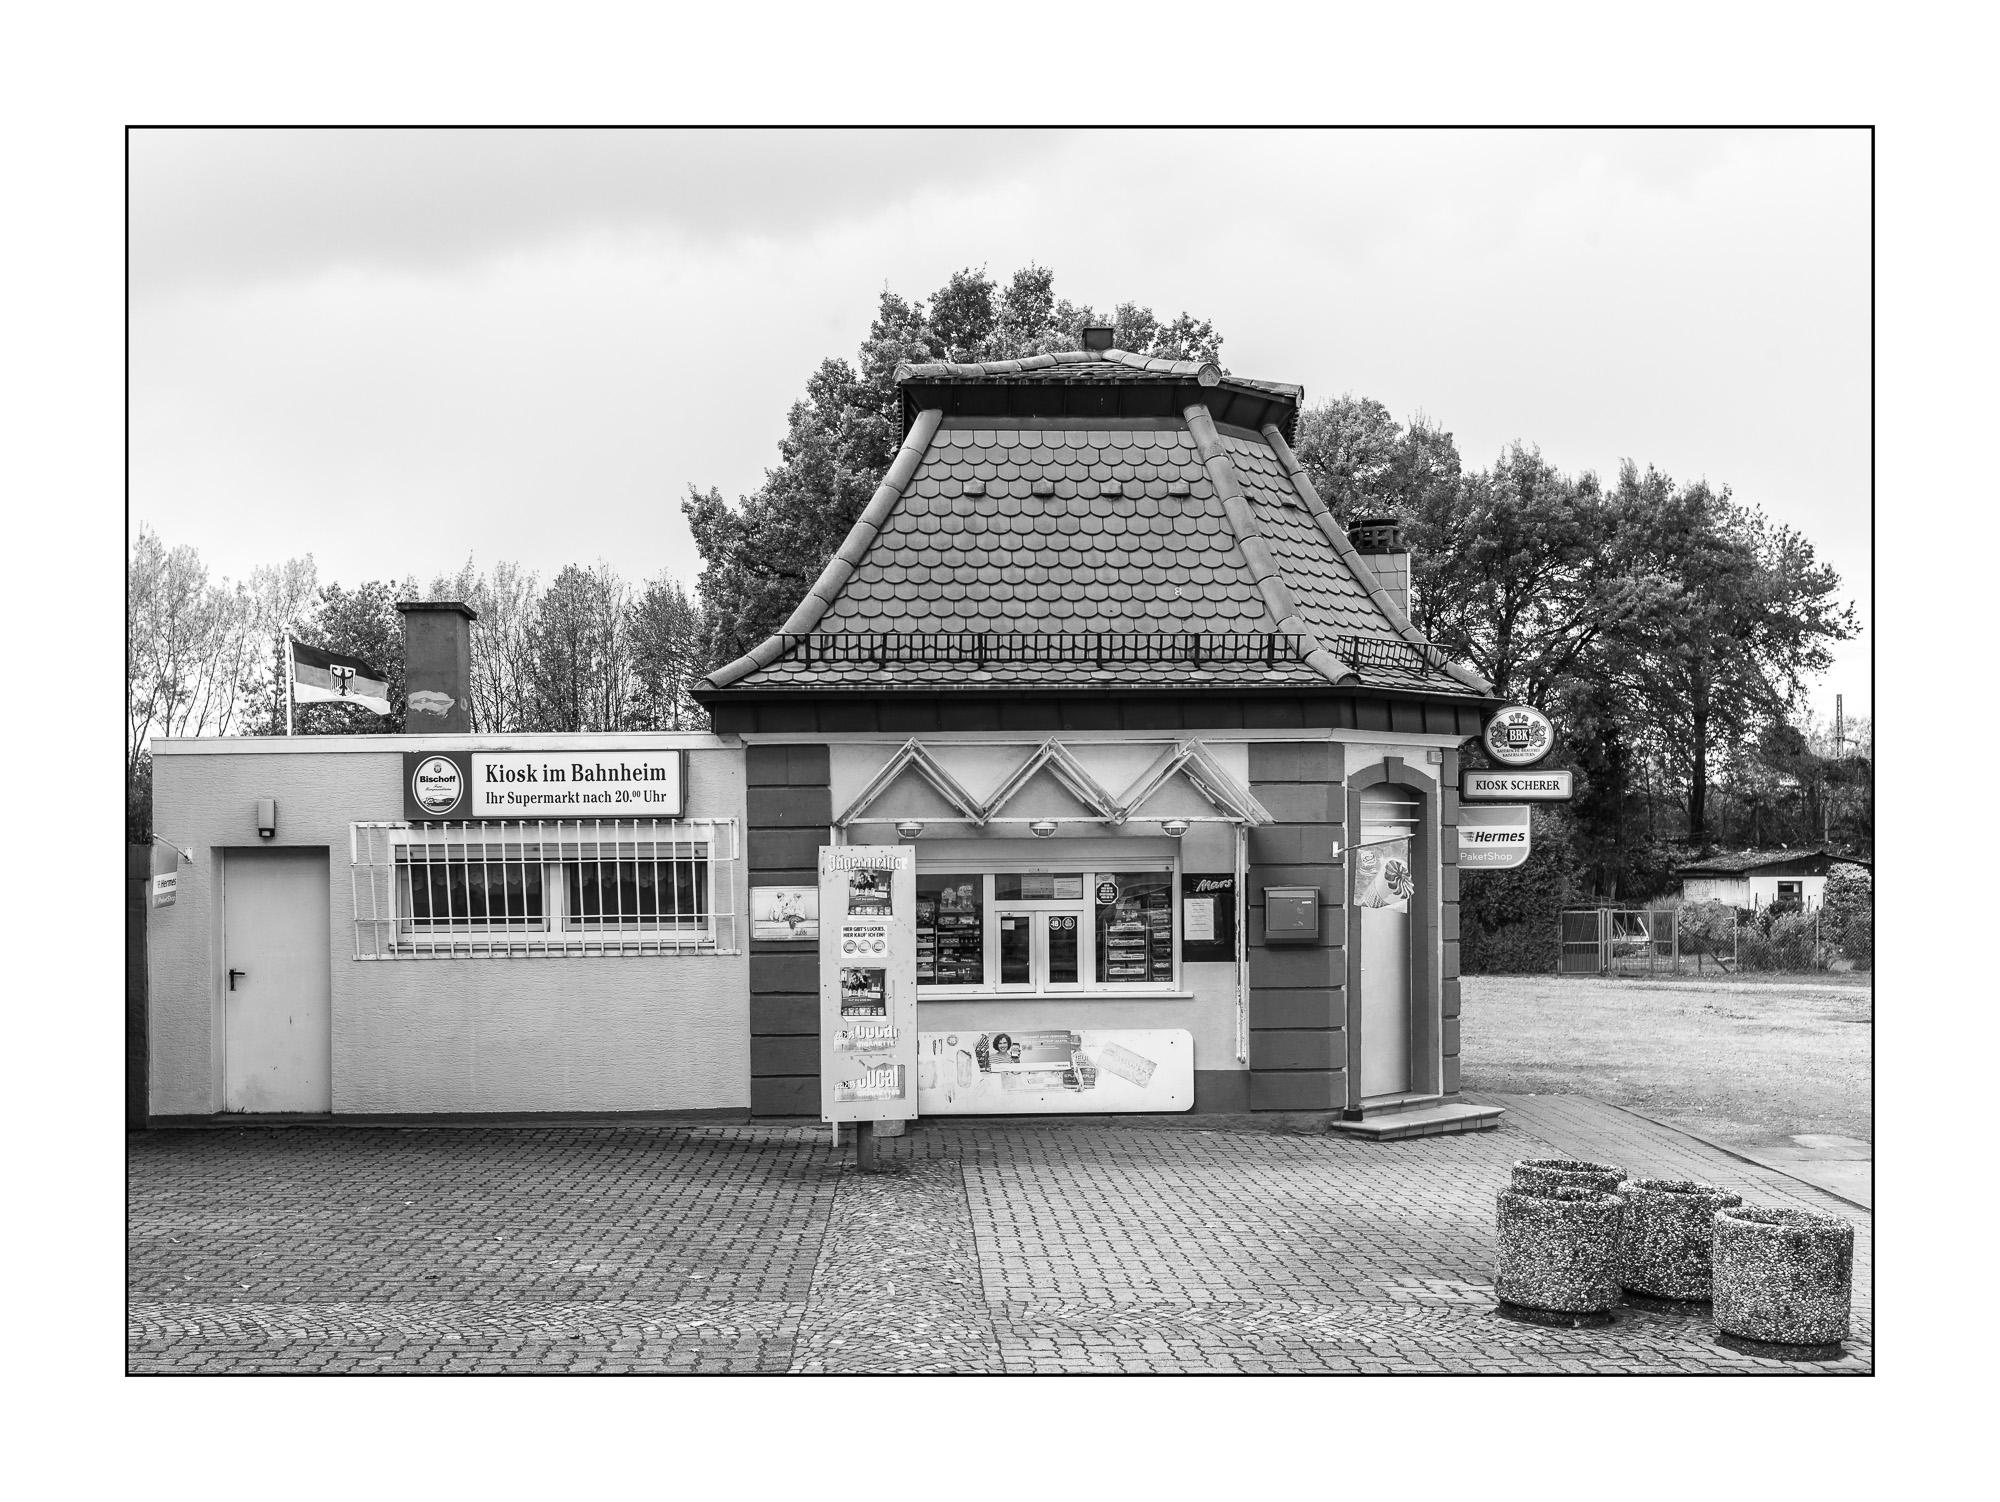 Kiosk im Bahnheim